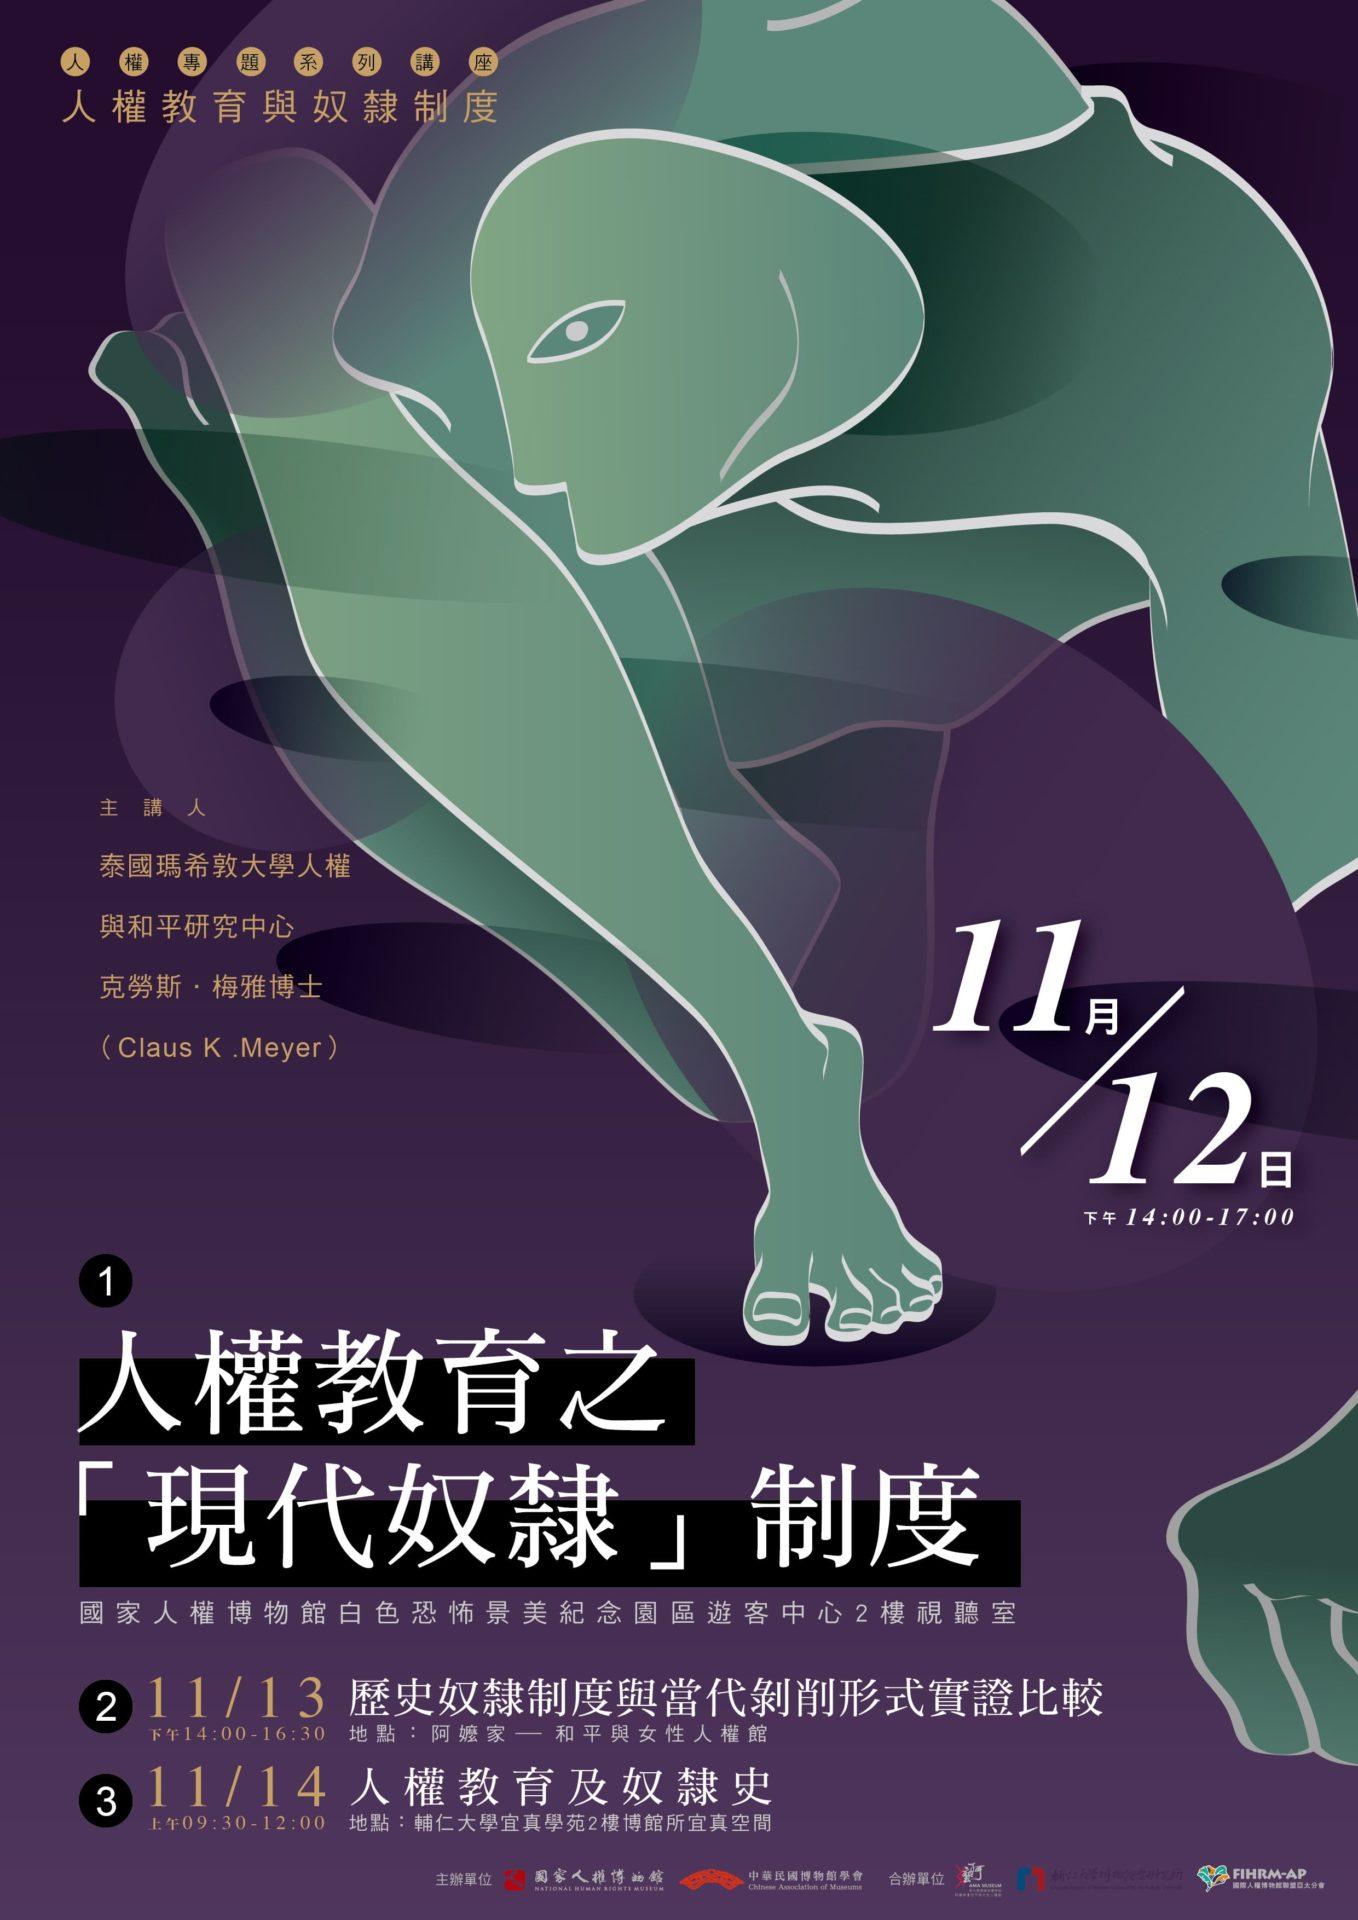 國際人權博物館聯盟亞太分會x中華民國博物館學會:2019/11/12-2019/11/14【「人權教育與奴隸制度」系列專題講座】